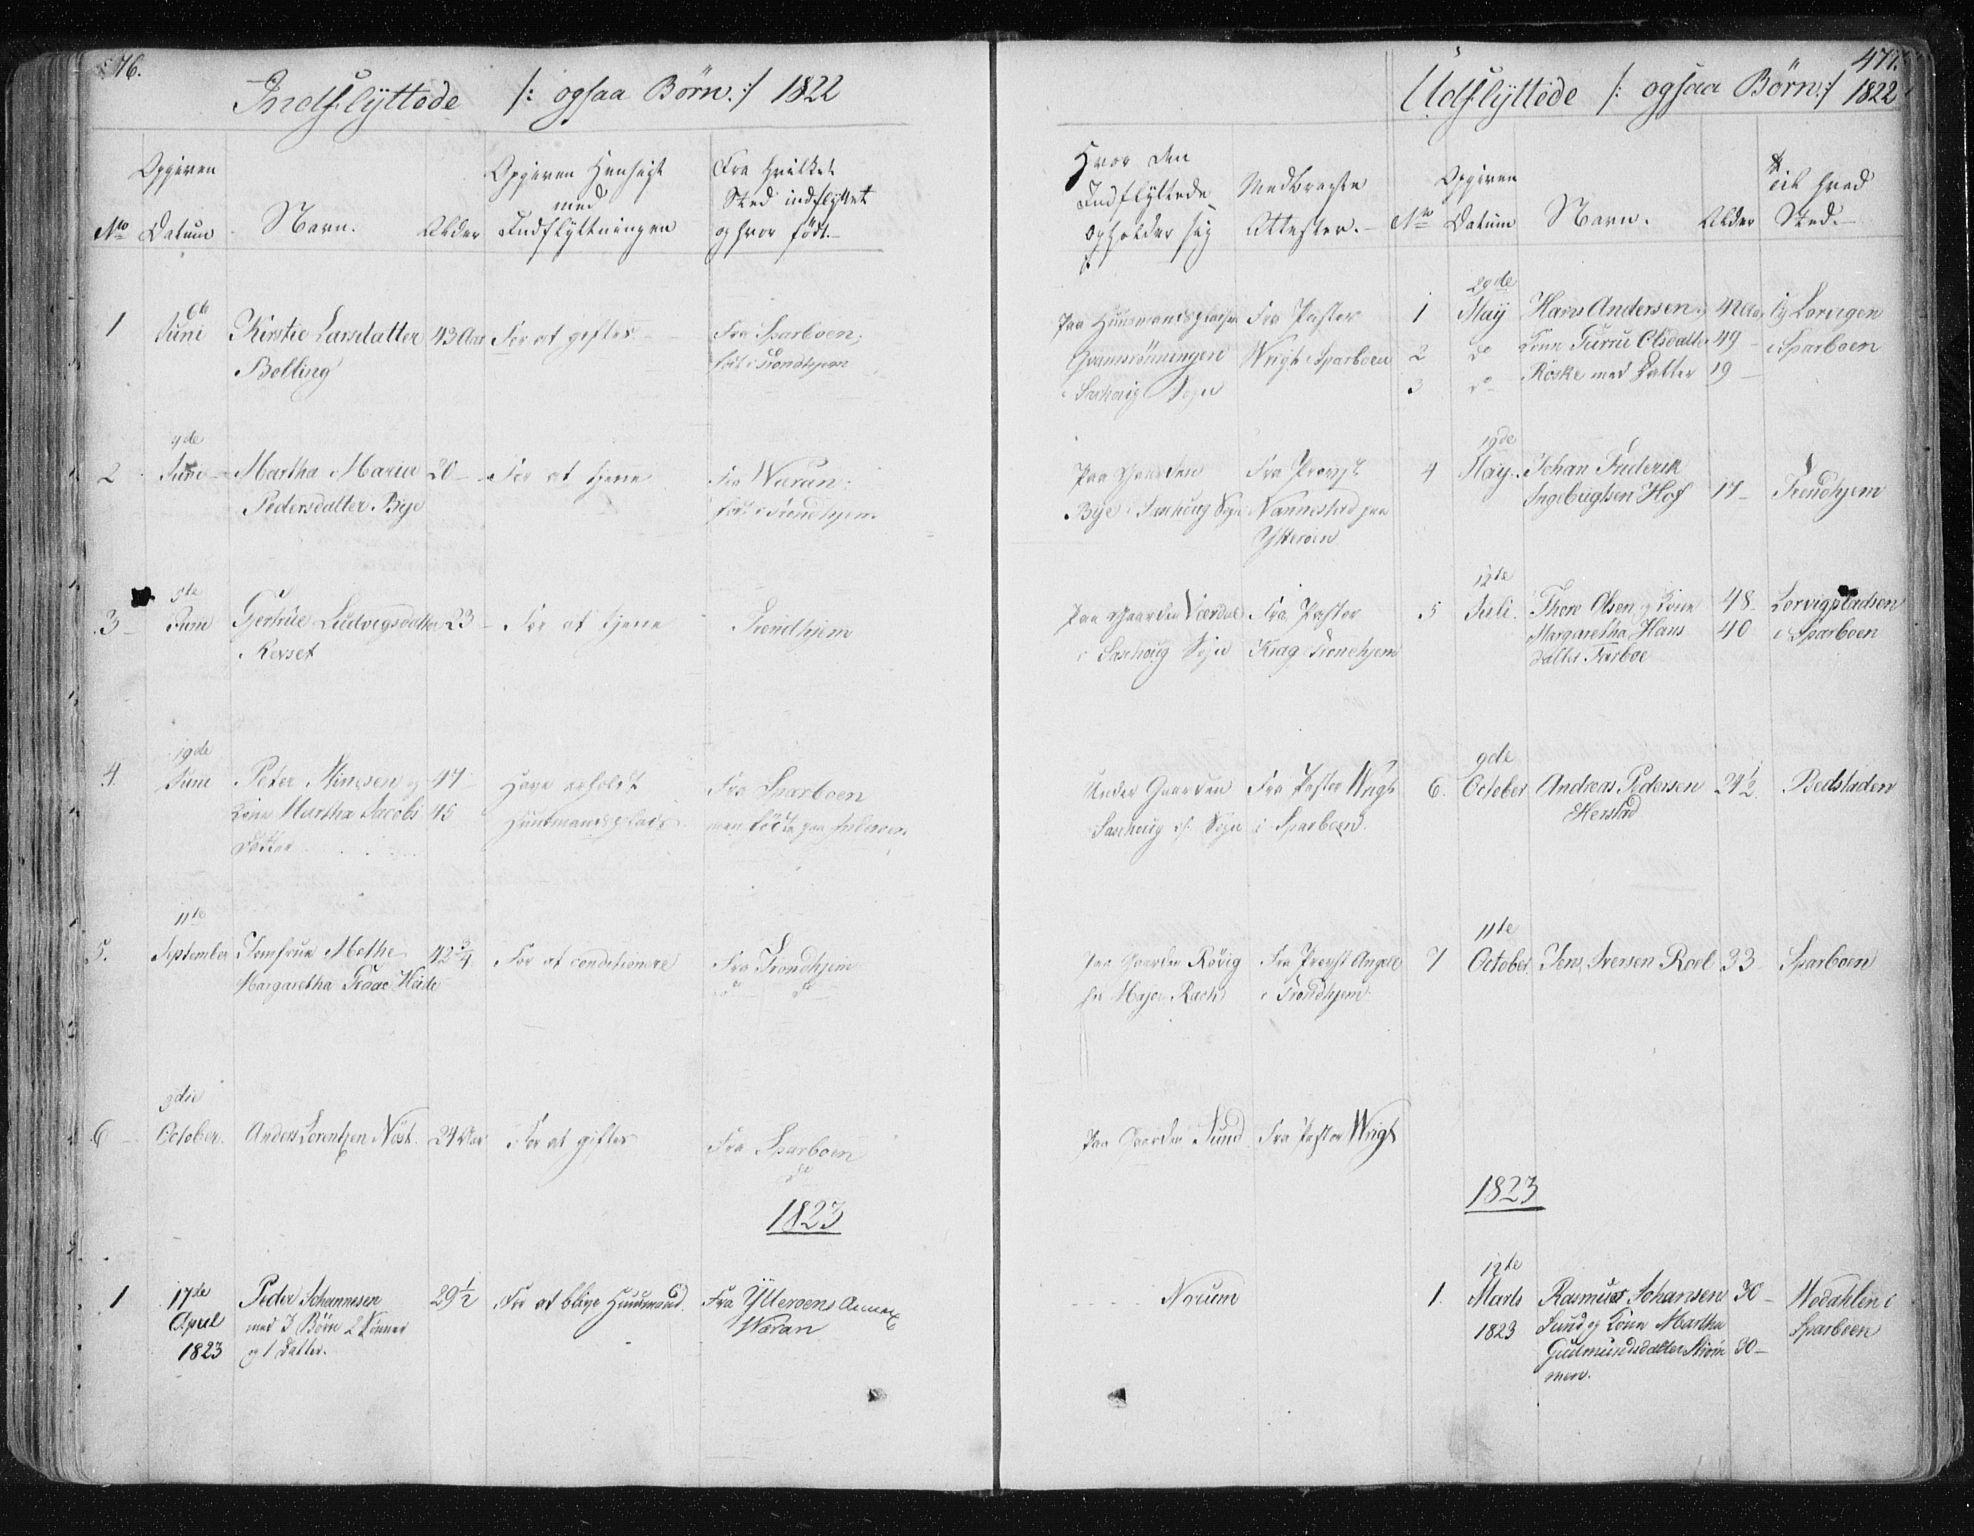 SAT, Ministerialprotokoller, klokkerbøker og fødselsregistre - Nord-Trøndelag, 730/L0276: Ministerialbok nr. 730A05, 1822-1830, s. 476-477